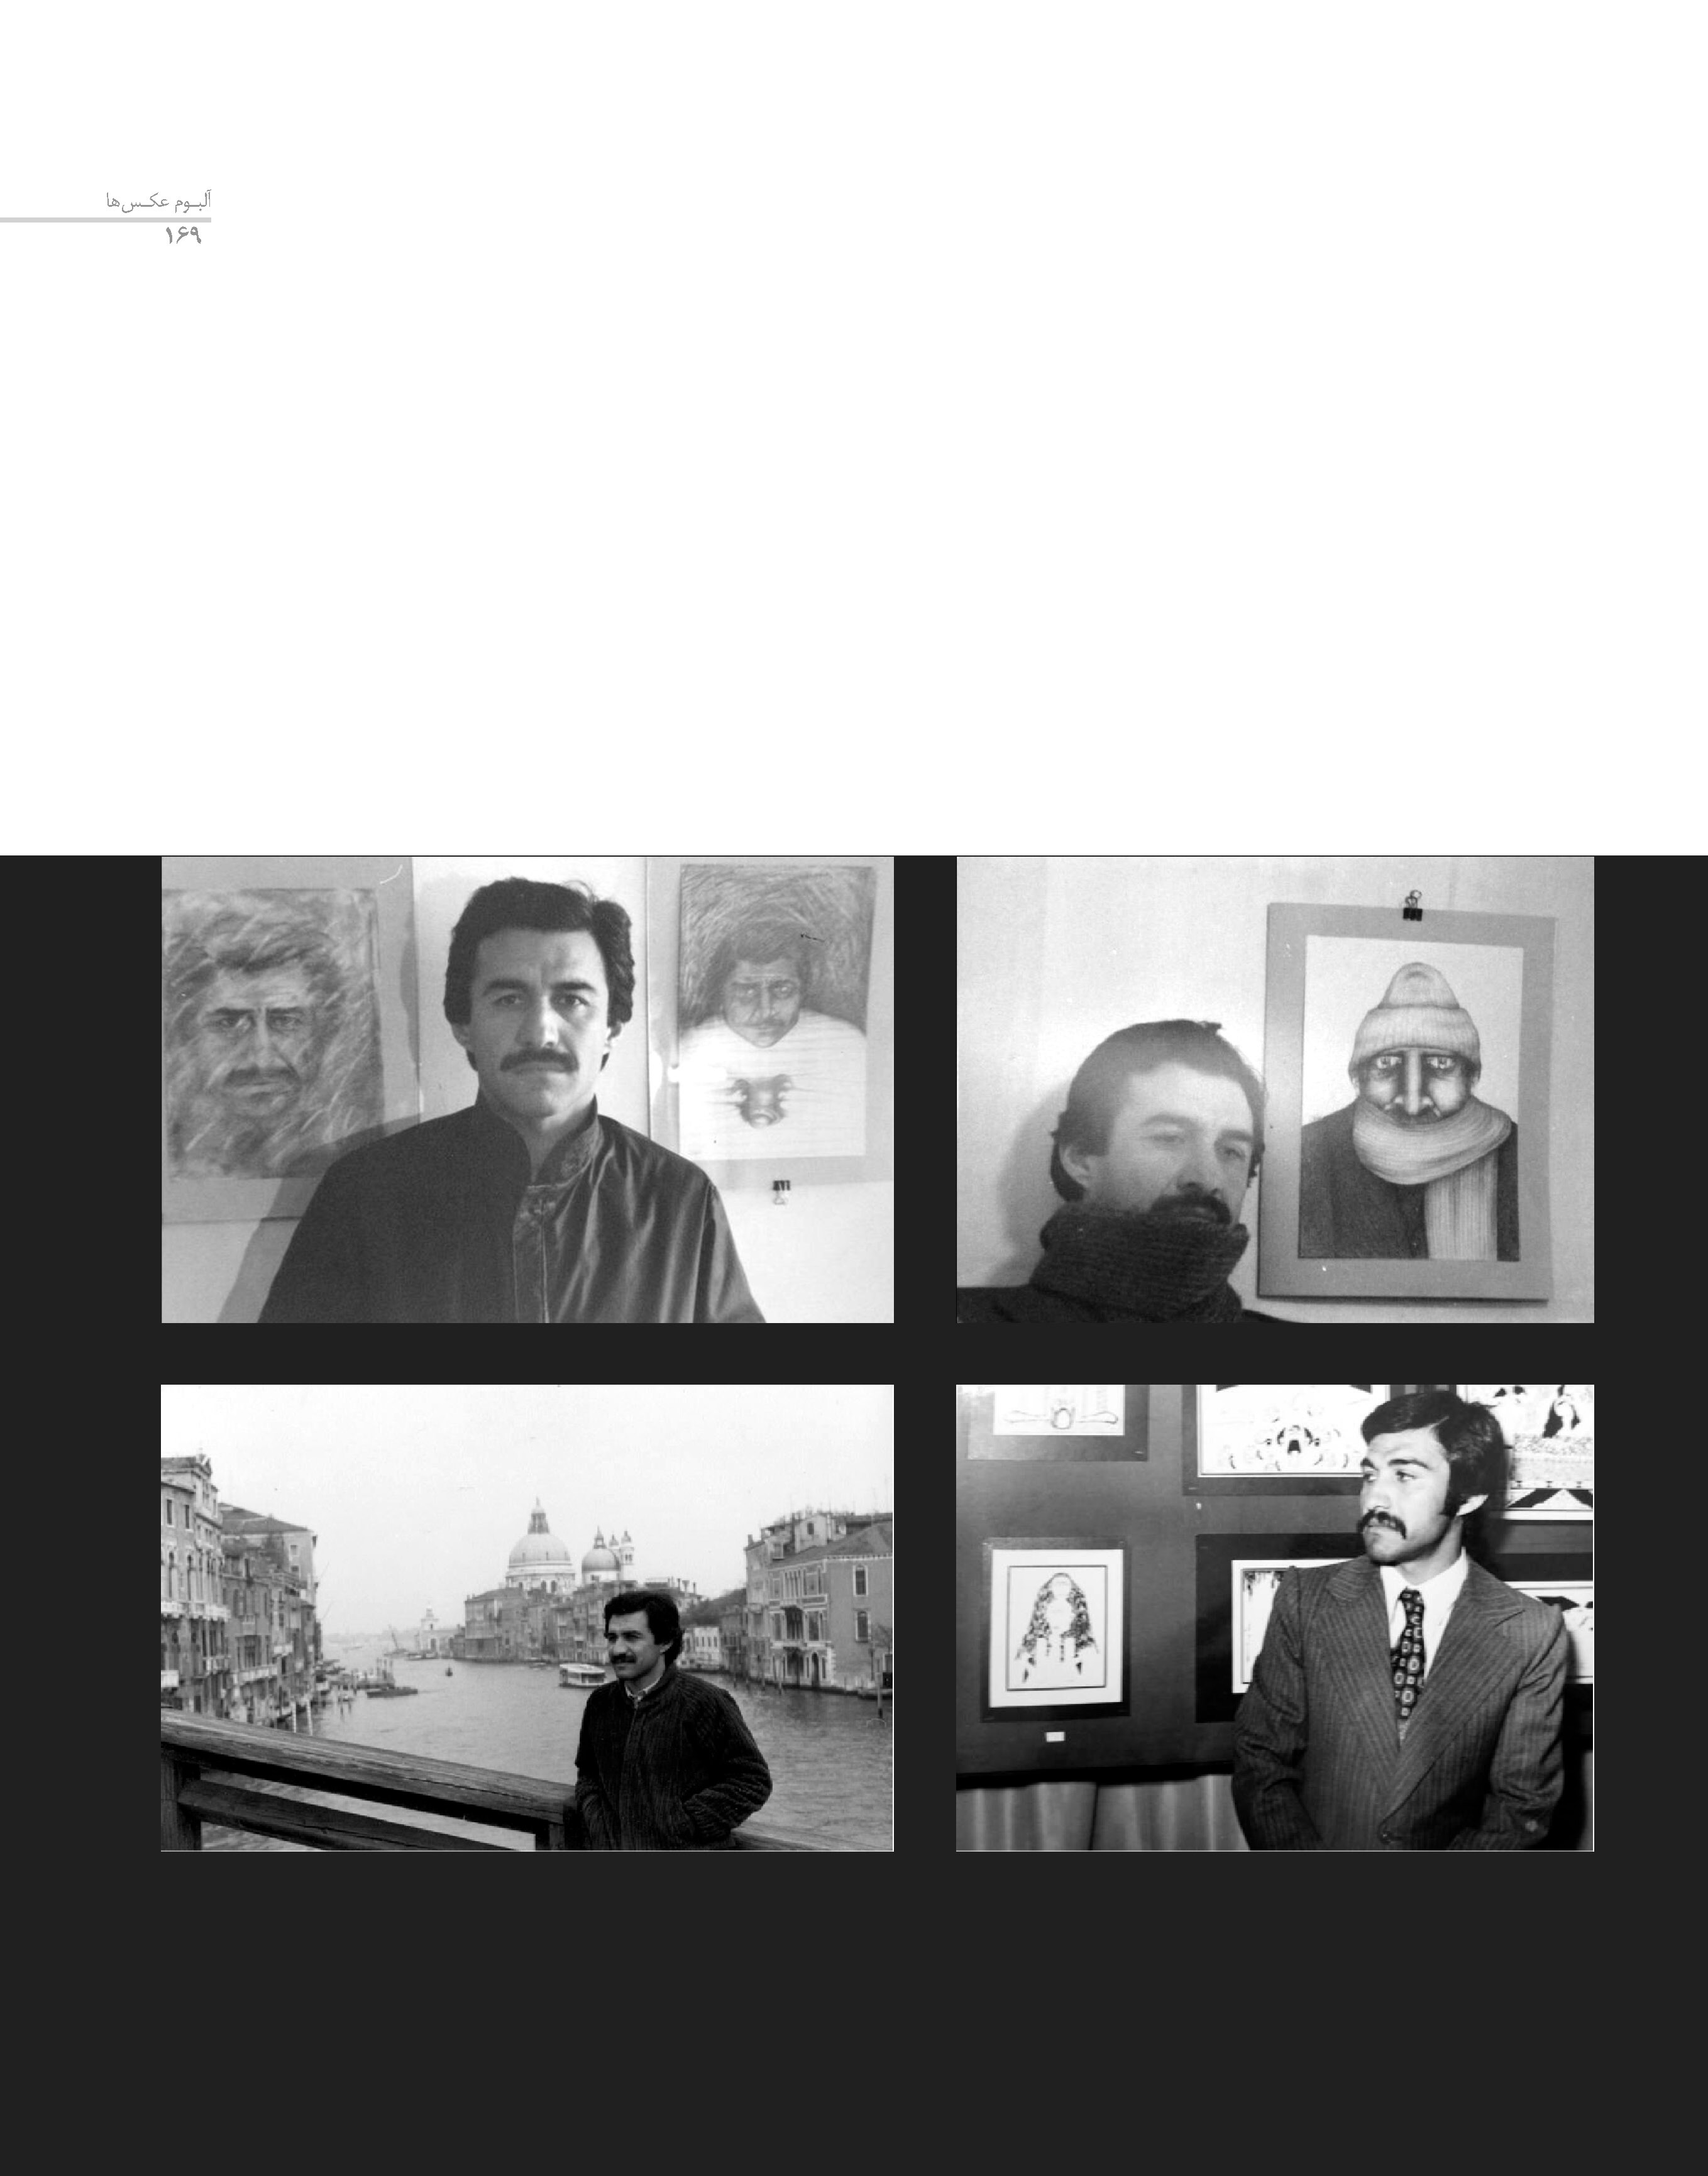 شورآفرینخلوت گزیده- سید امیر سقراطی- کیومرث کیاست- تاریخ شفاهی -0 هنر معاصر سالهای شکفتگی